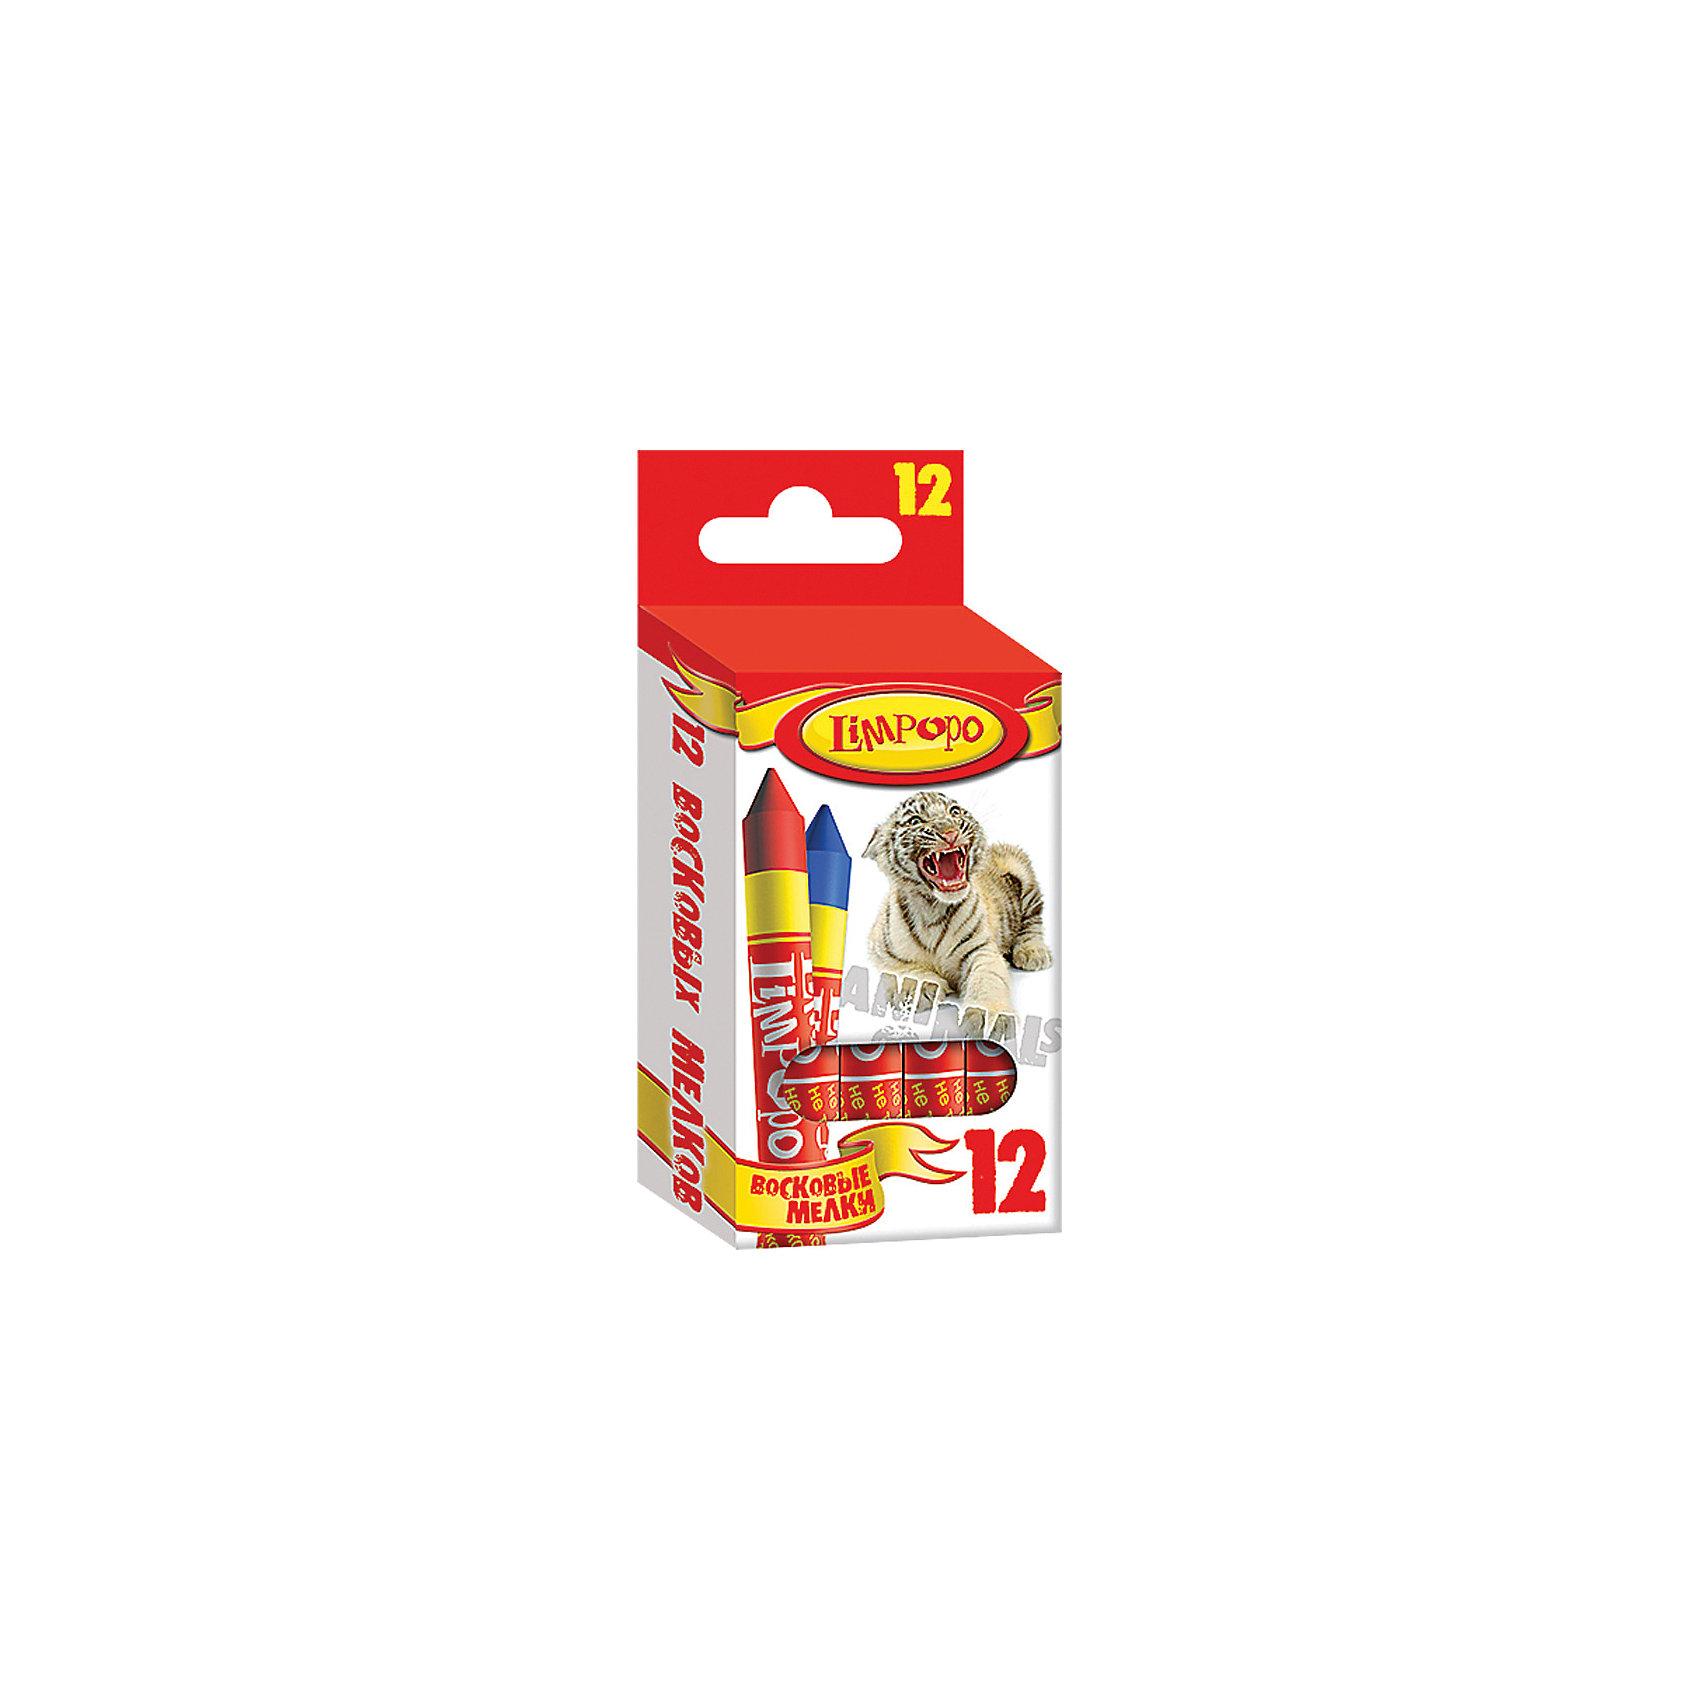 Мелки восковые Хищники, 12 цветовВосковые мелки Limpopo Хищники предназначены для рисования на бумаге, картоне и некоторых видах пластика. Мелки восковые не крошатся при рисовании, оставляют на бумаге яркий, стойкий оттенок, не пачкают рук ребенка или одежду. Не содержат токсичных веществ, безопасны для здоровья. Каждый мелок имеет индивидуальную упаковку.<br><br>Ширина мм: 18<br>Глубина мм: 1160<br>Высота мм: 51<br>Вес г: 68<br>Возраст от месяцев: 48<br>Возраст до месяцев: 96<br>Пол: Унисекс<br>Возраст: Детский<br>SKU: 5475510